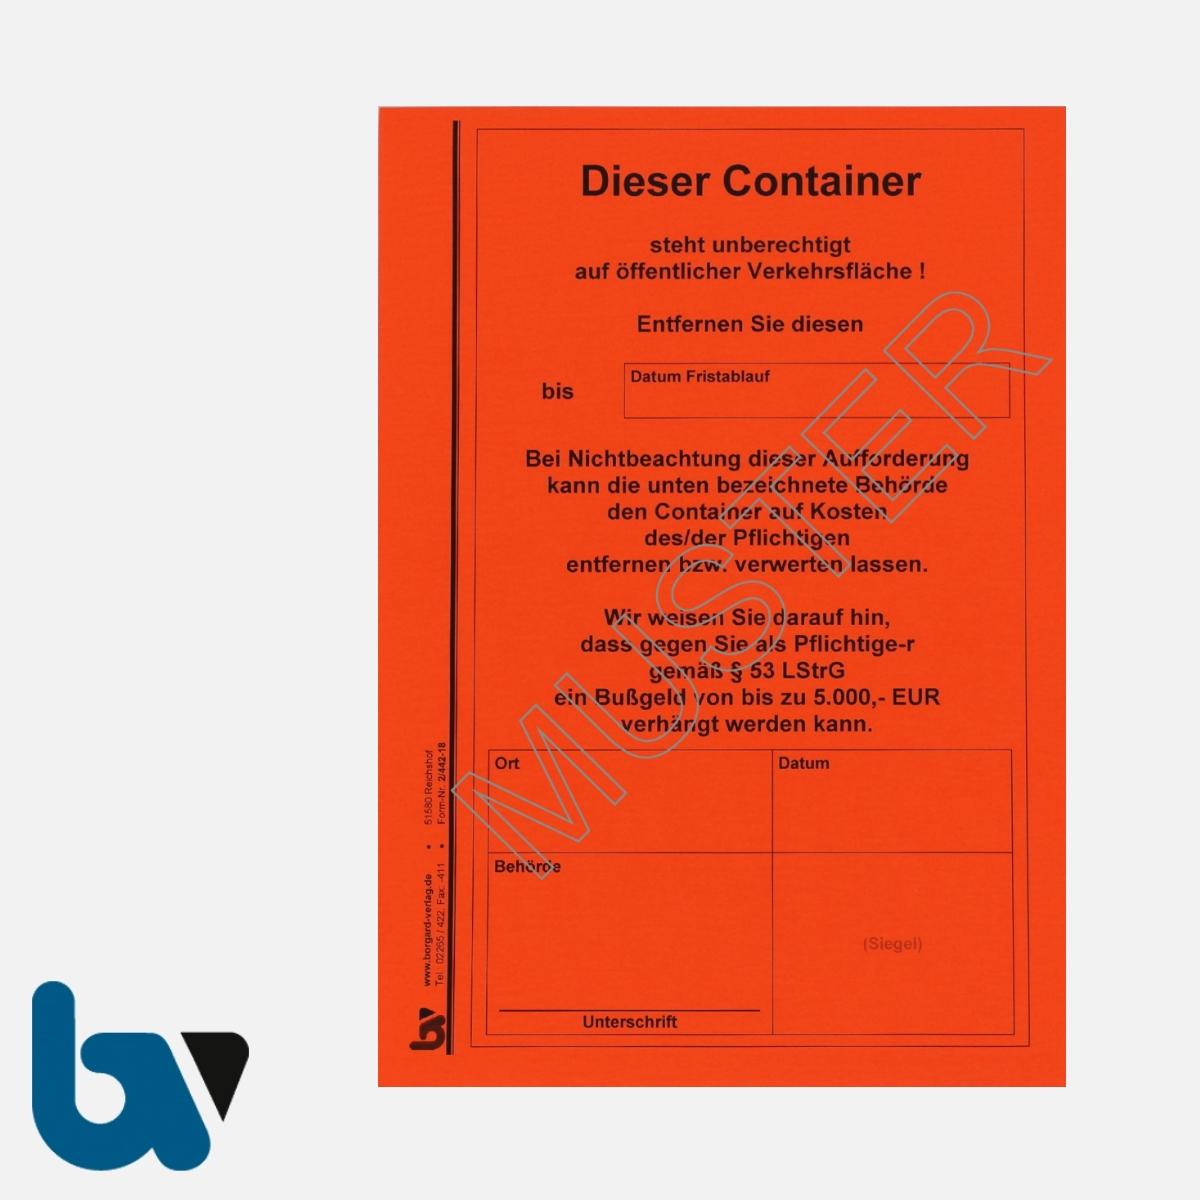 2/442-18 Aufkleber Aufforderung Entfernung Container selbstklebend Rheinland-Pfalz Landesstraßengesetz Abfall DIN A5 VS | Borgard Verlag GmbH